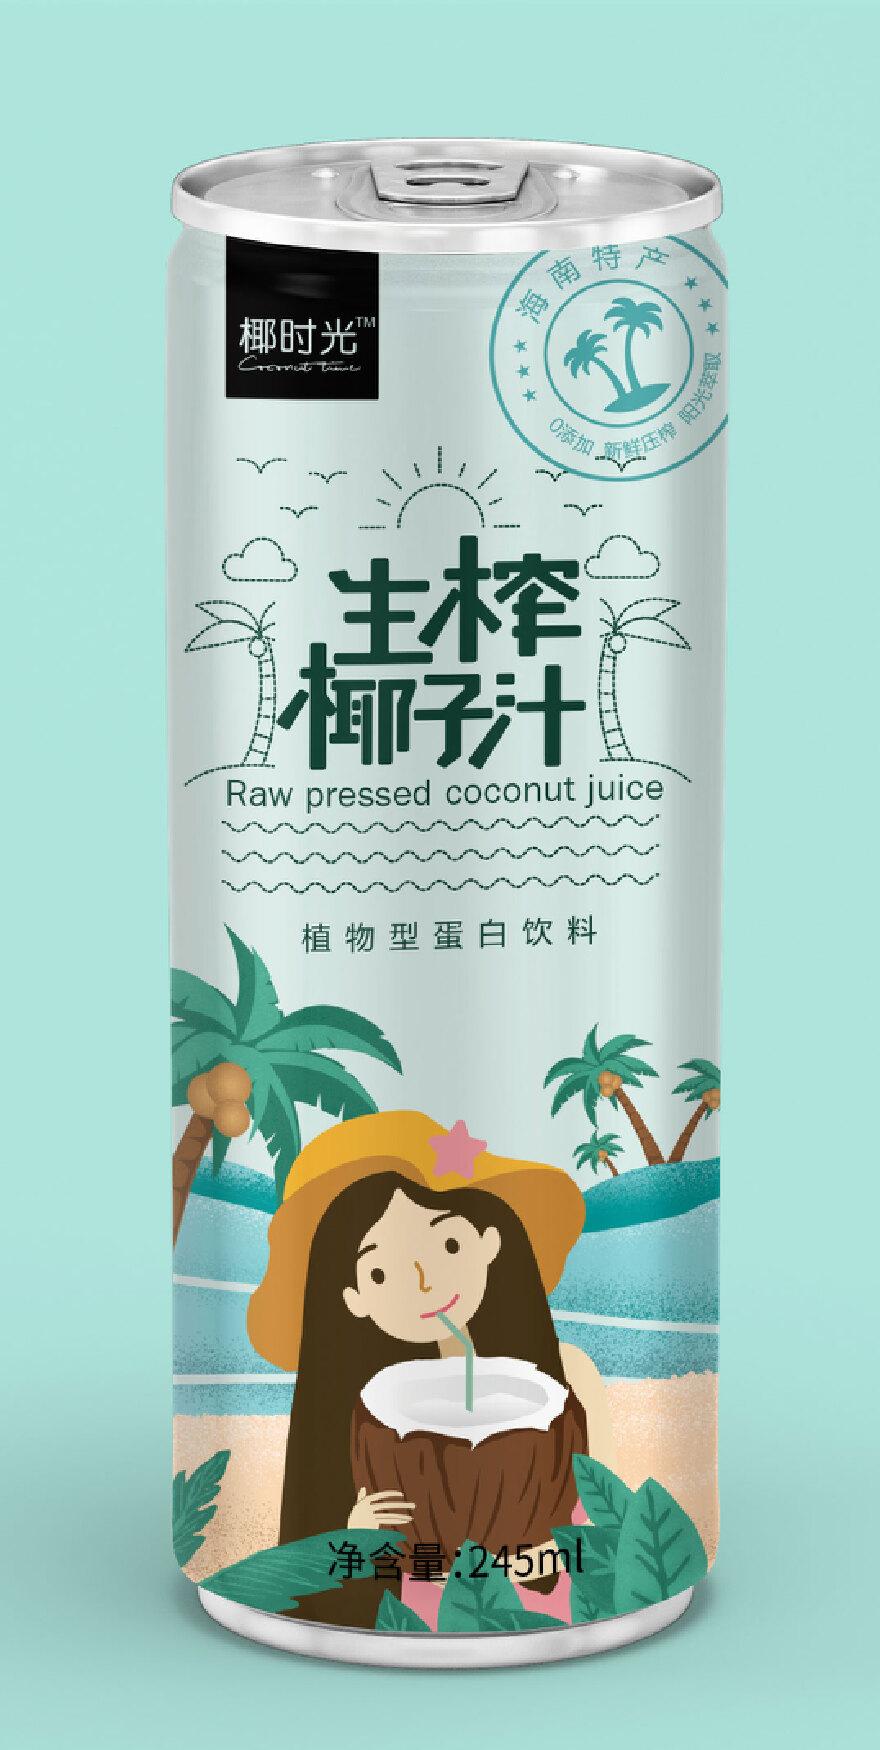 生榨椰子汁包装设计绘制折线的状态图图片